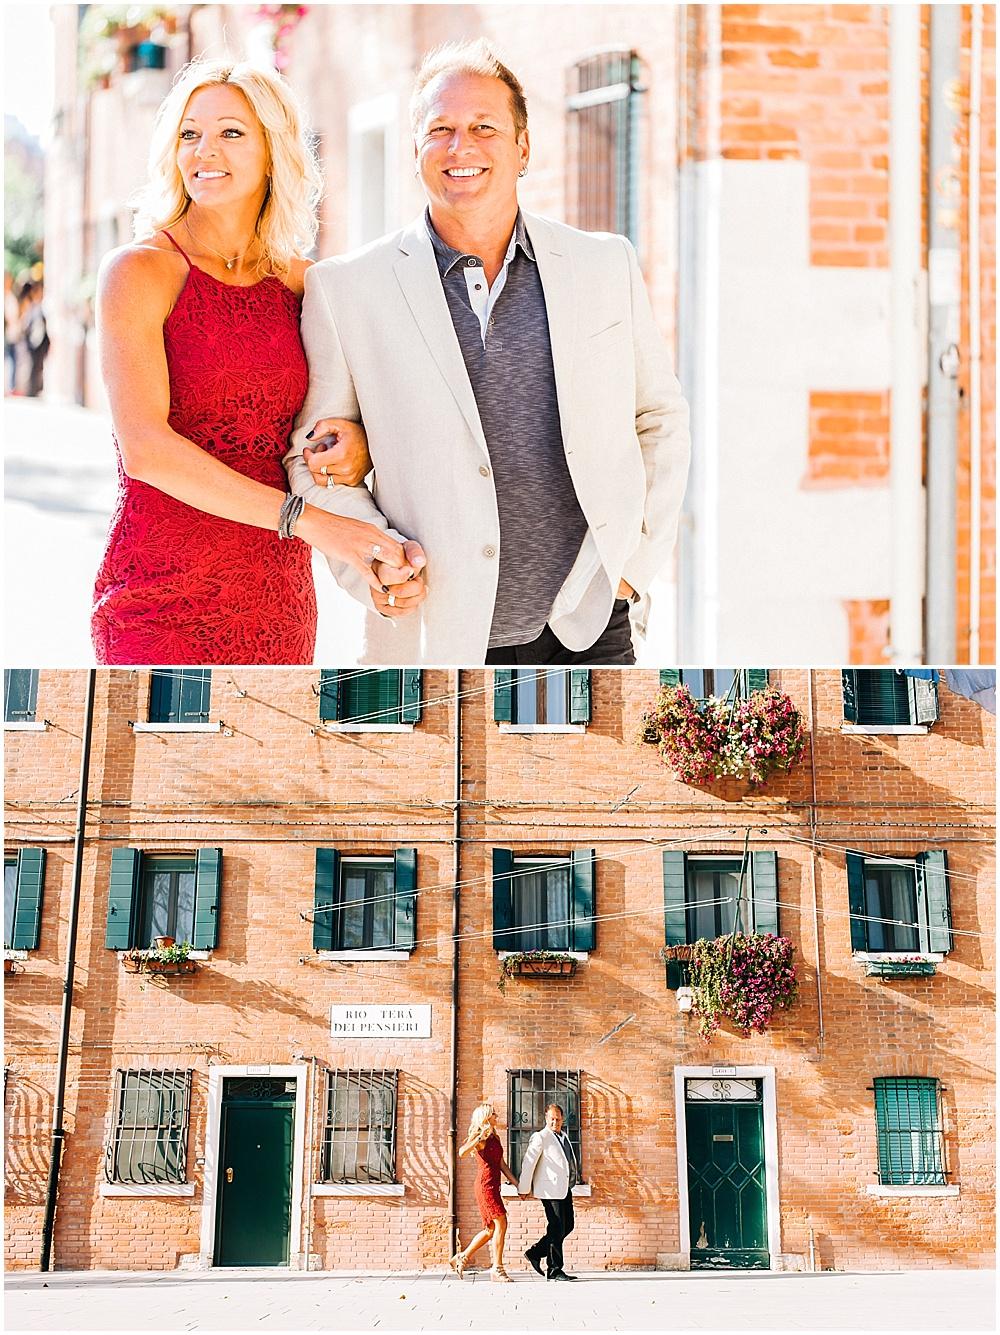 Venice-italy-wedding-photographer-stefano-degirmenci_0039.jpg